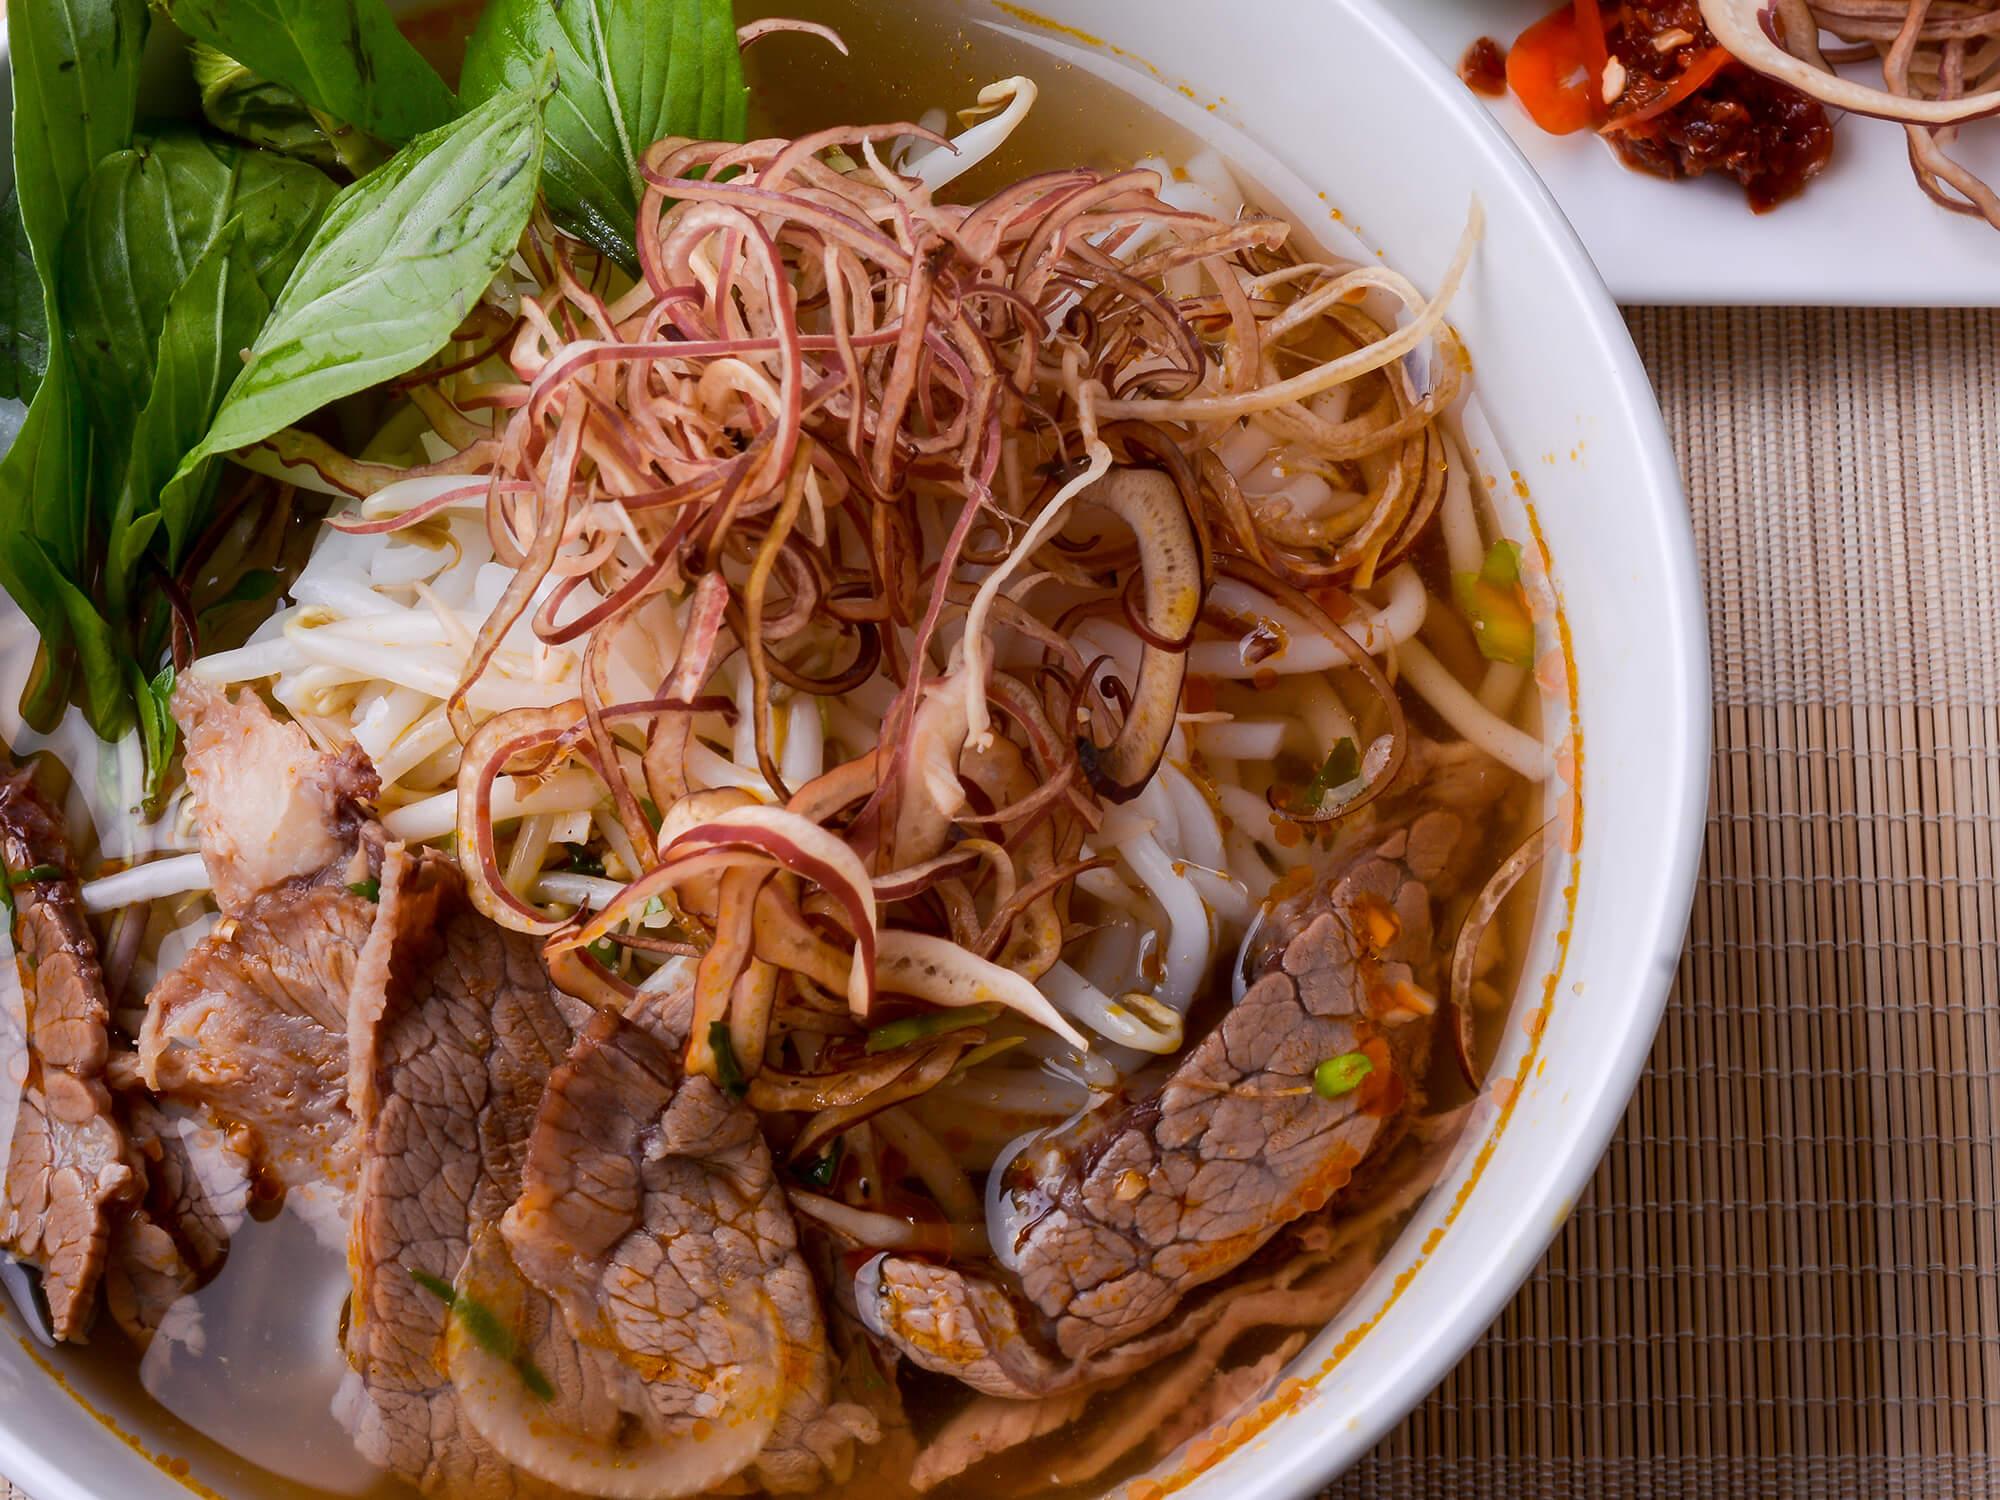 Quán Ngự Bình – Quán Bún Bò Nổi Tiếng Ở Sài Gòn